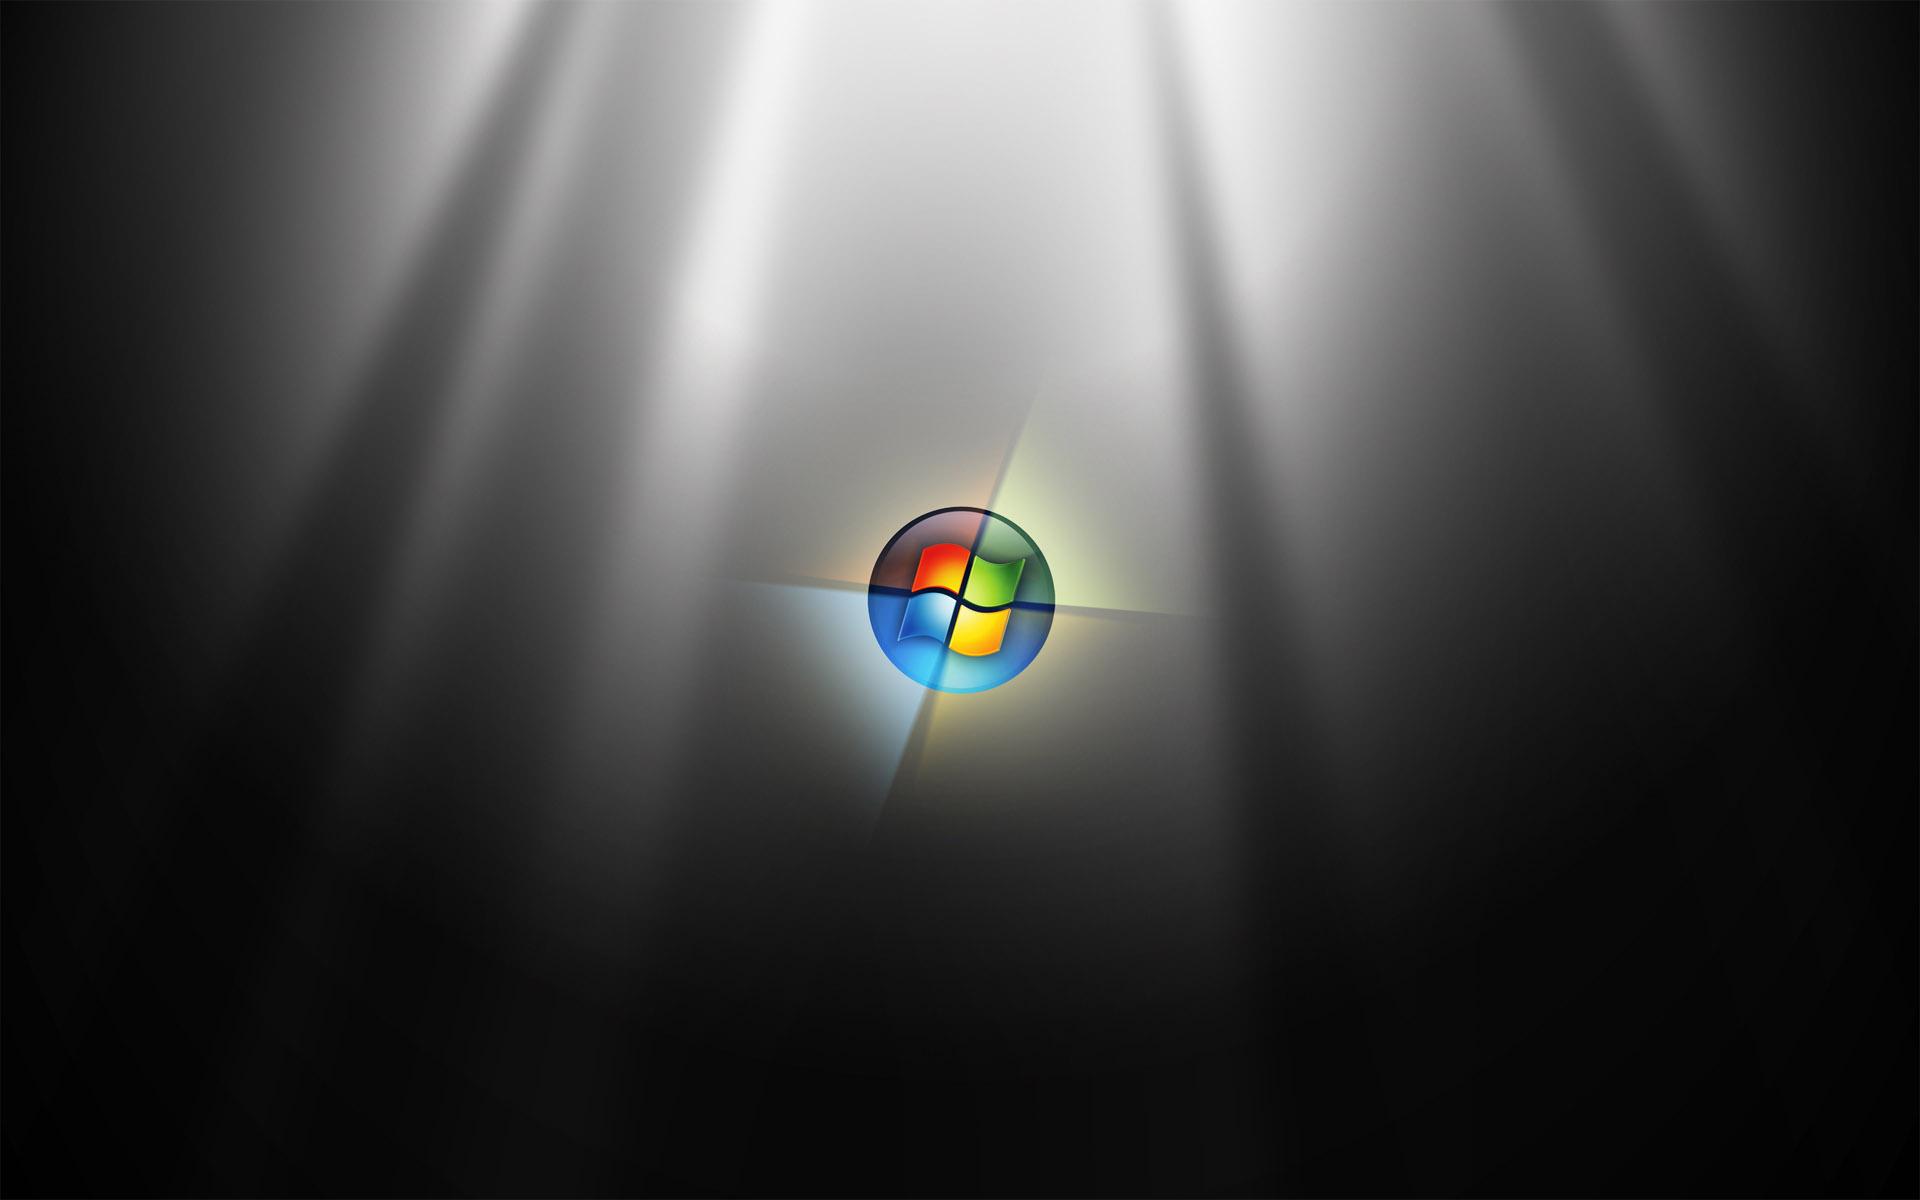 coders windows fan - photo #17